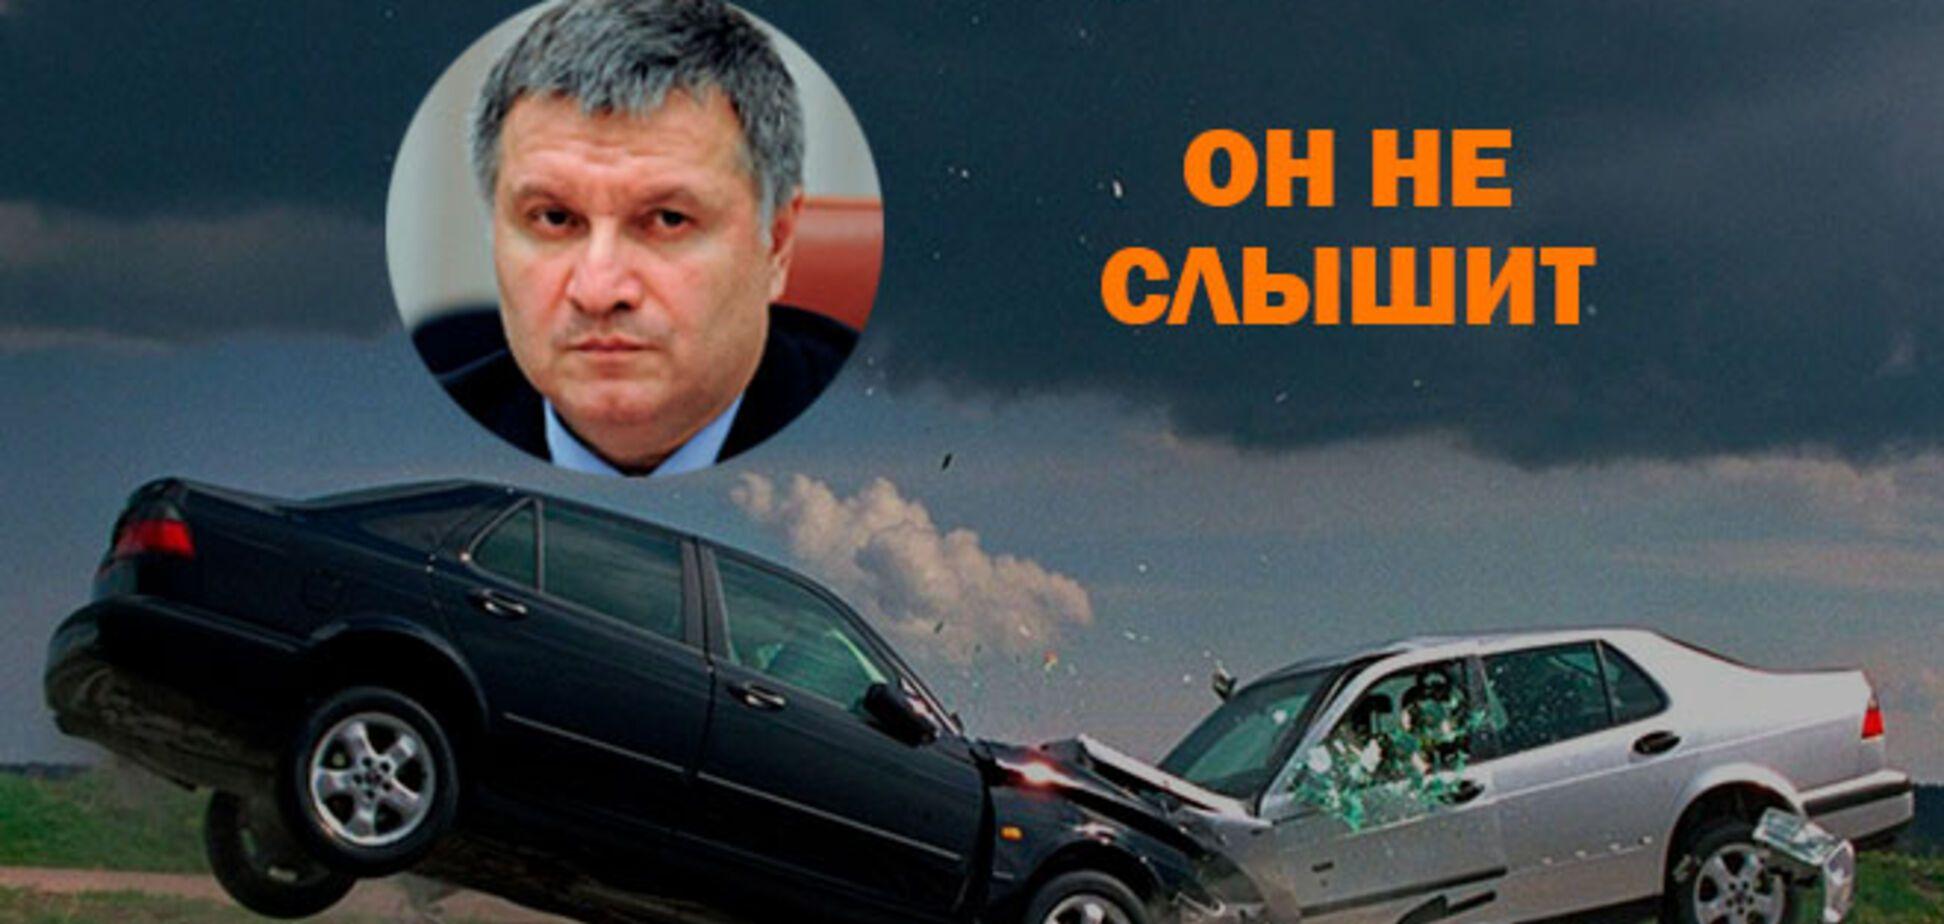 Фура знесла автомобіль із людьми: деталі страшної аварії під Житомиром